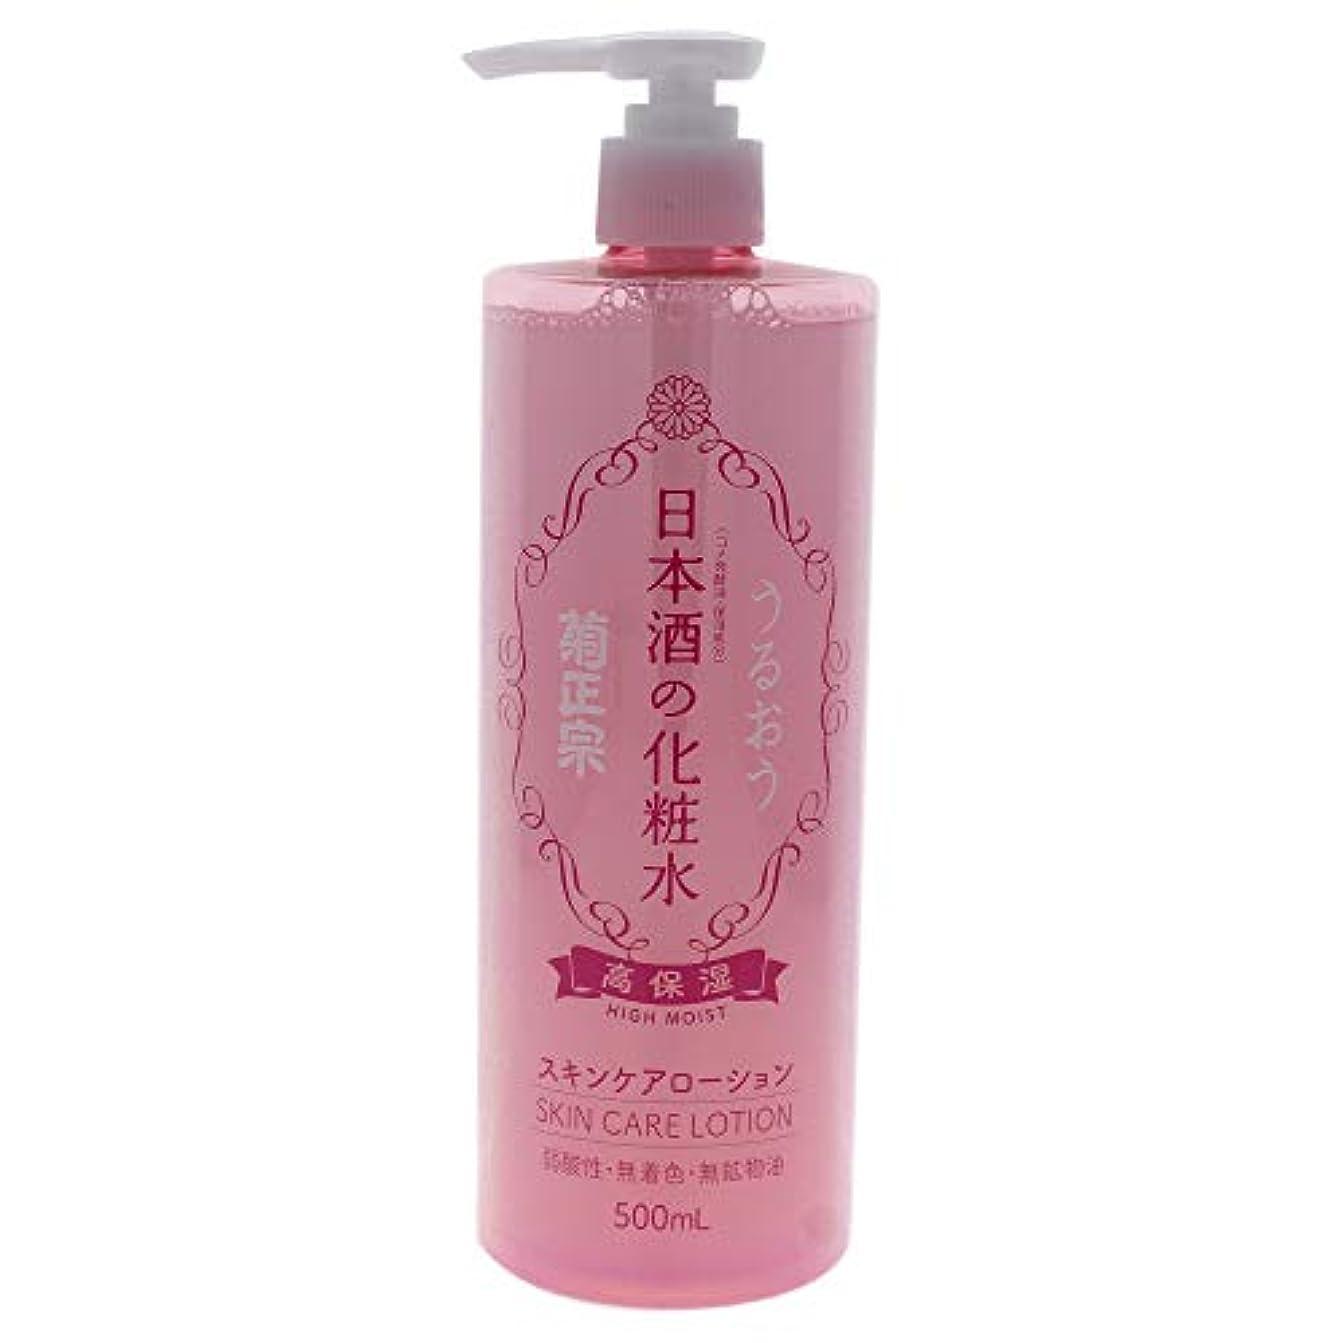 死んでいる過半数気まぐれな菊正宗 日本酒の化粧水 高保湿 単品 500ml